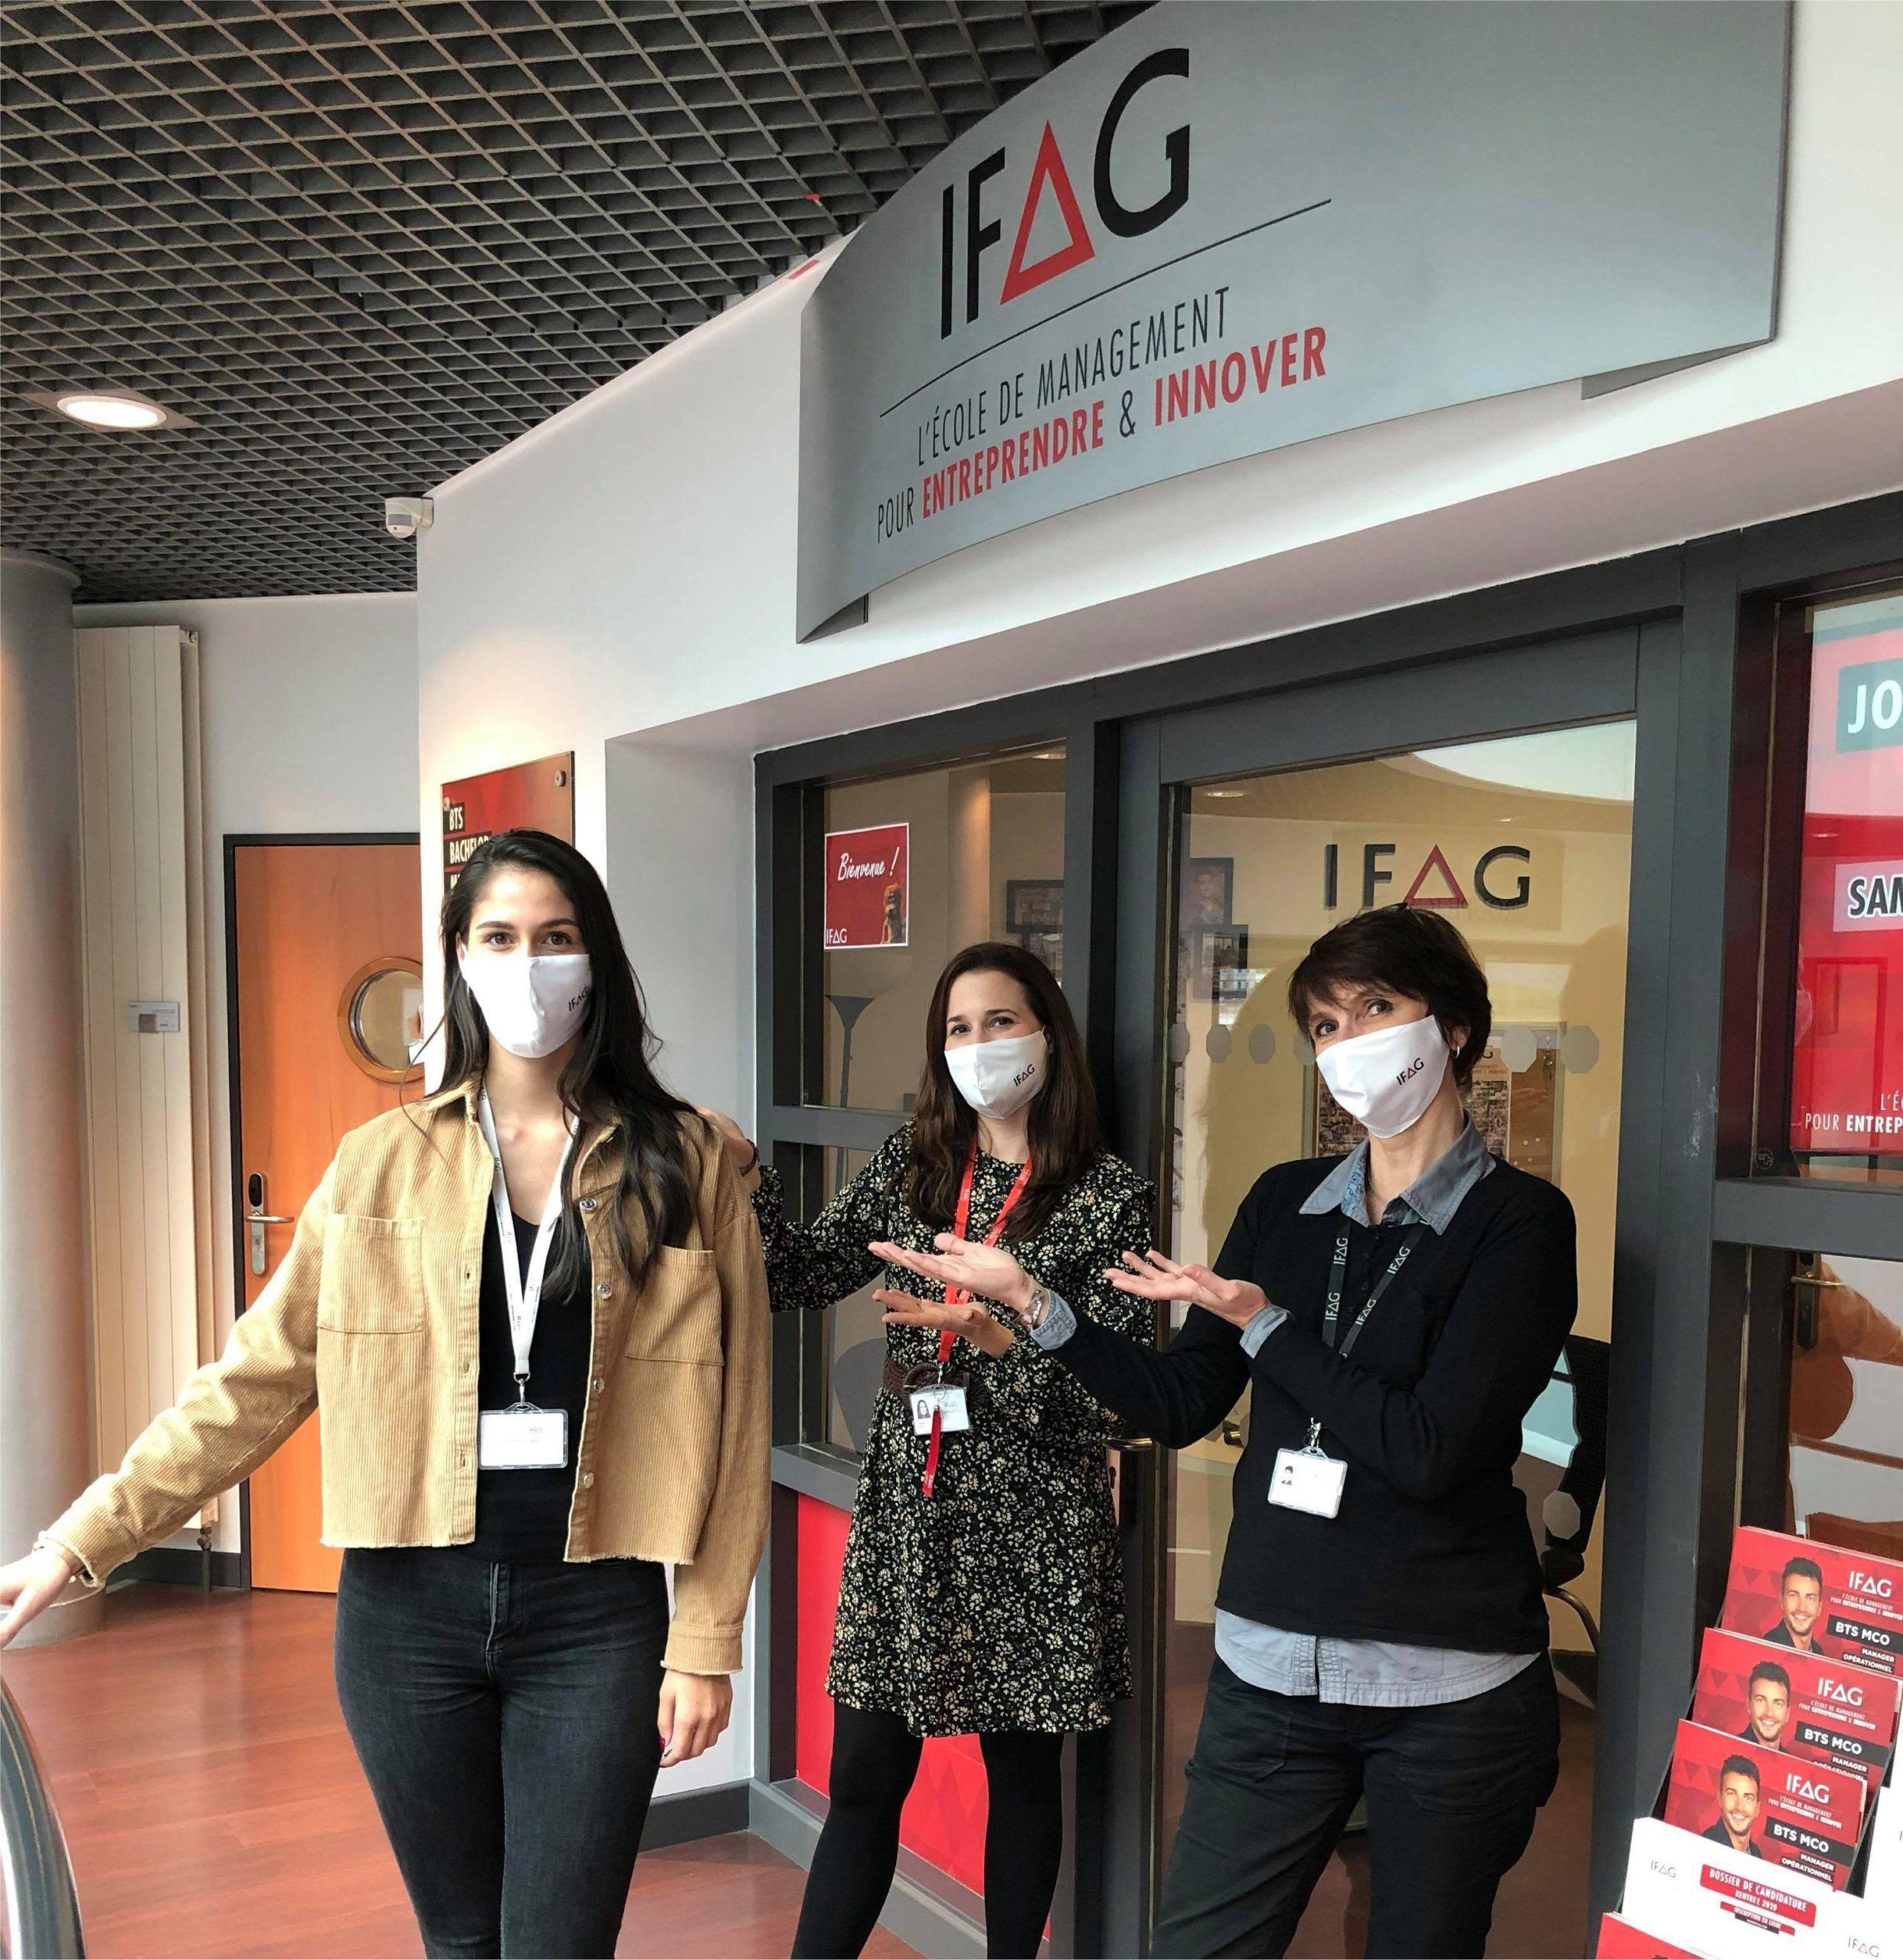 IFAG Lyon adhérent engagé en faveur de l'alternance